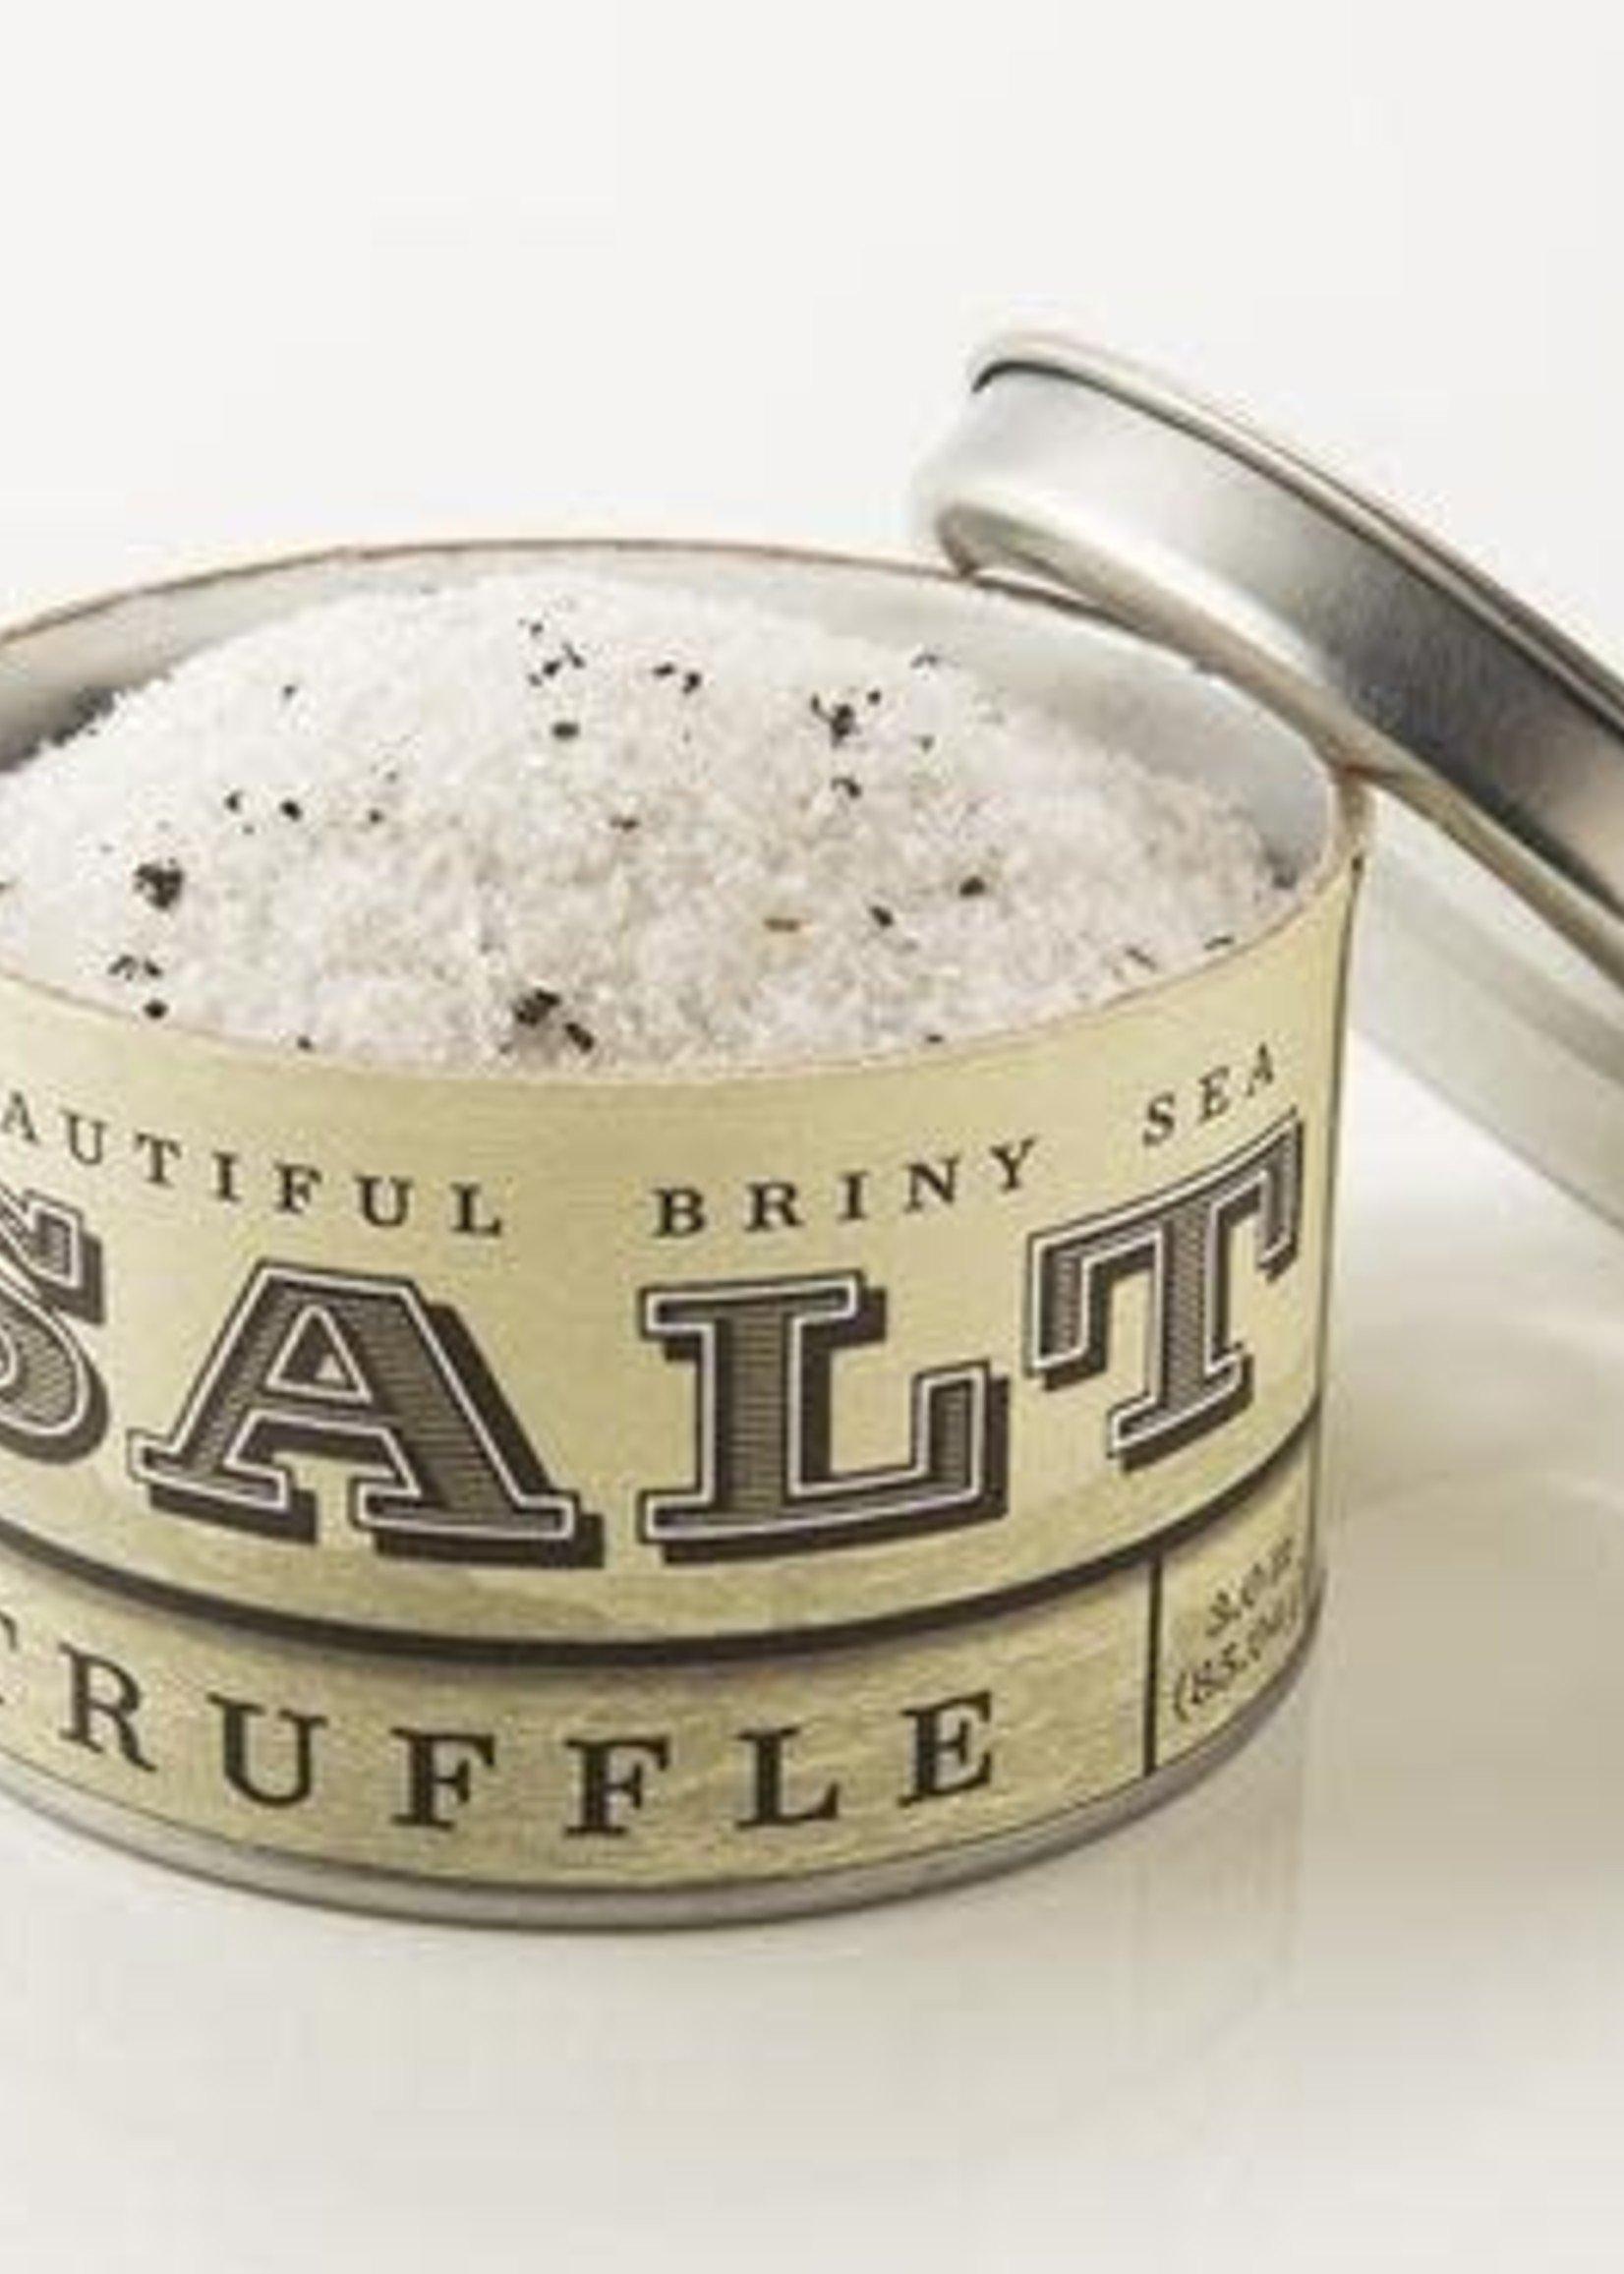 Truffle Sea Salt